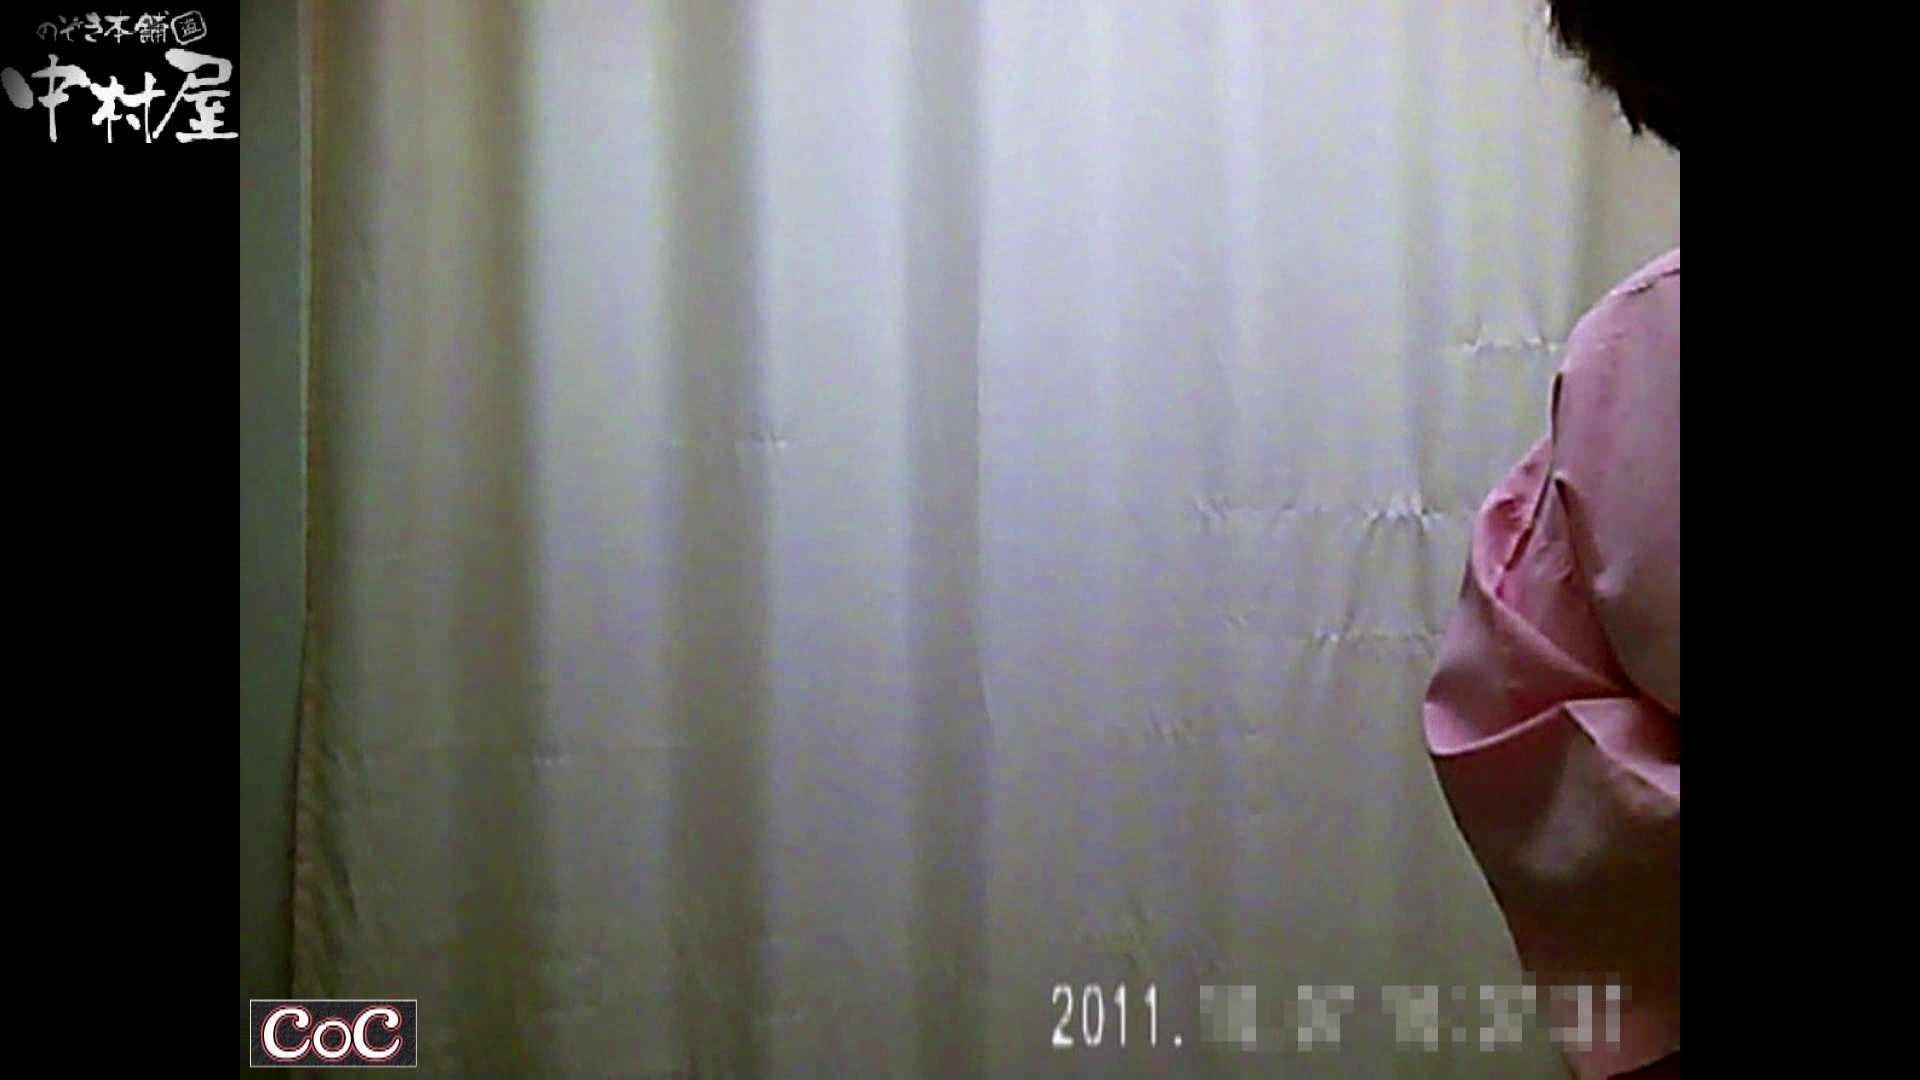 激ヤバ健康診断!着替えの一部始終.vol.53※本編ボカシ・目線無し ナース 隠し撮りおまんこ動画流出 51画像 29